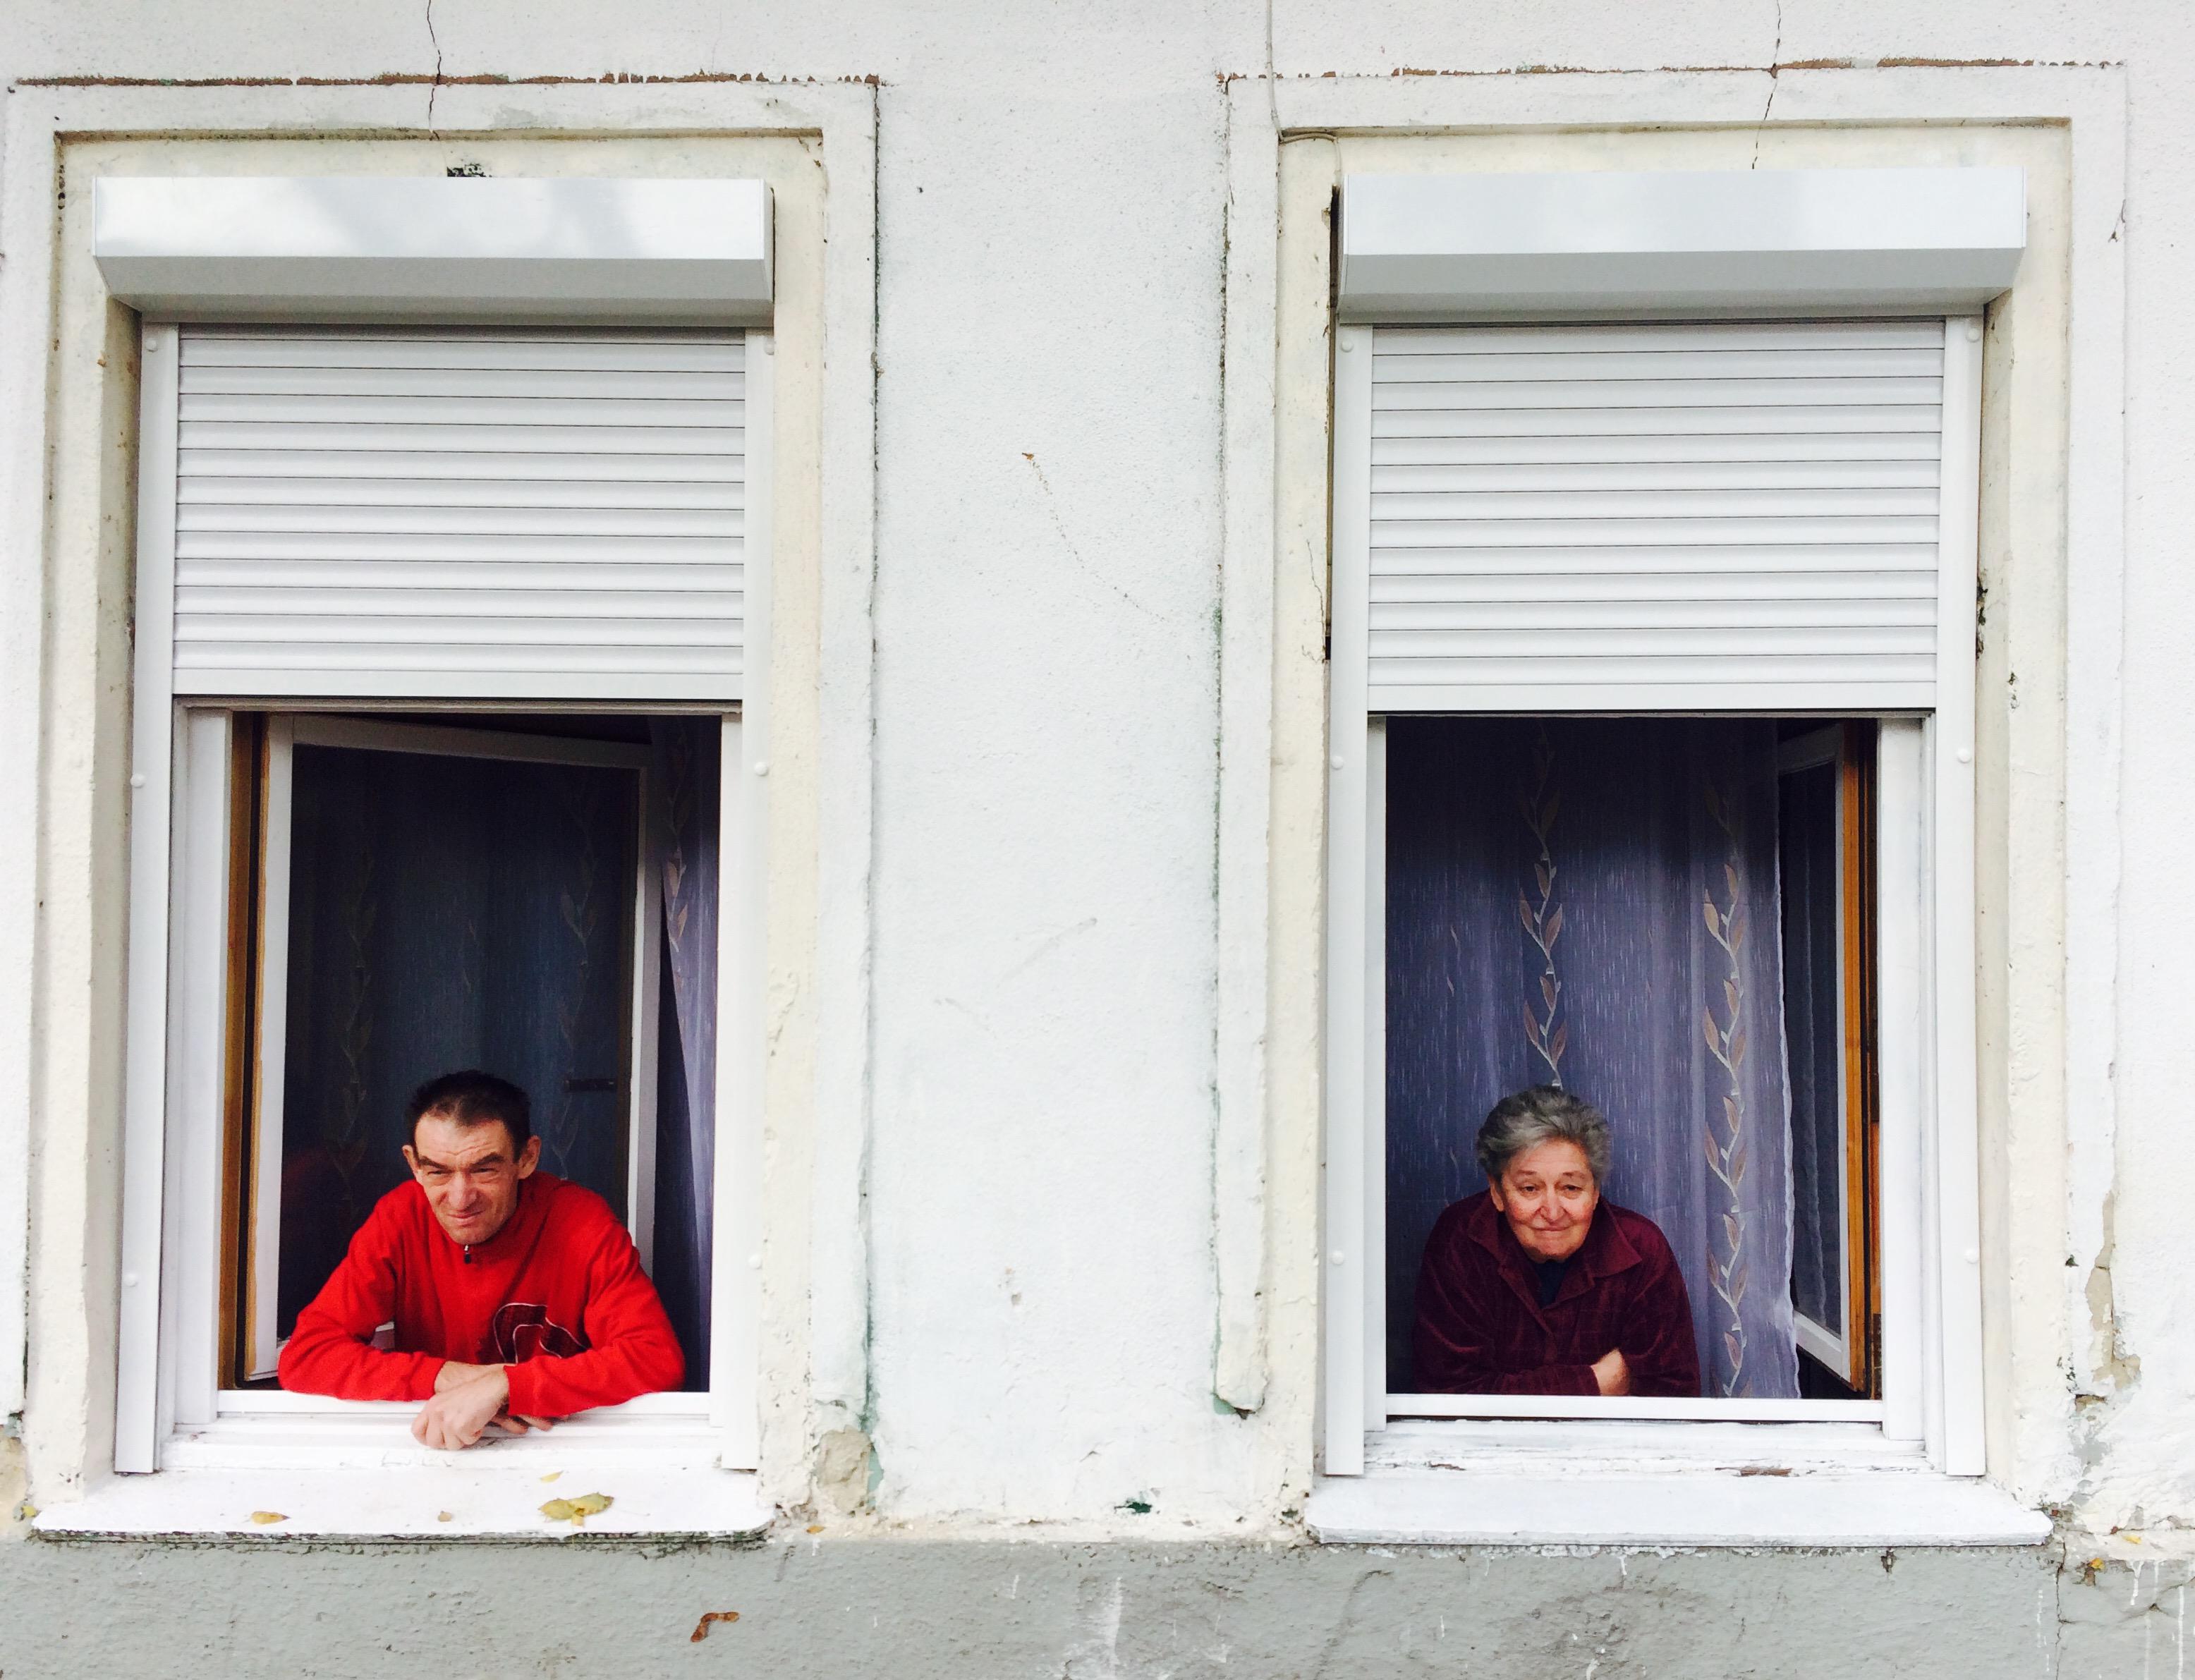 Erzsike és Sándor új otthonuk ablakában.